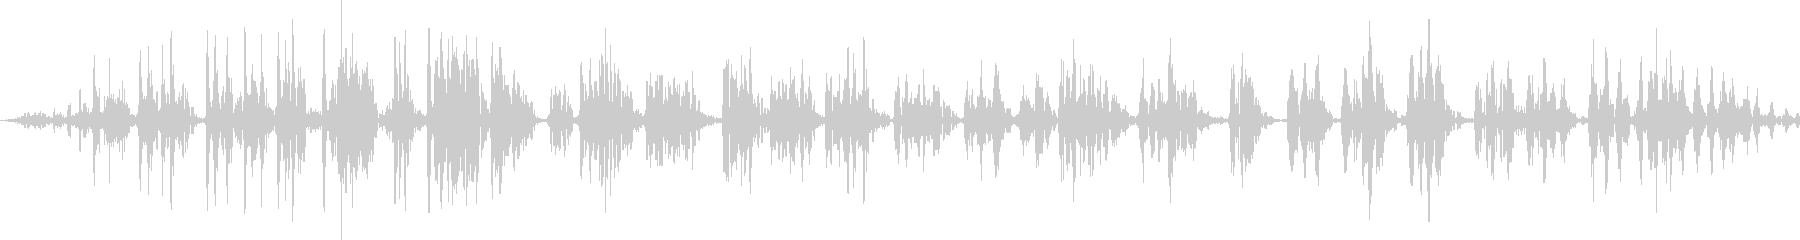 お腹の鳴る音_グリュグリュ_01の未再生の波形